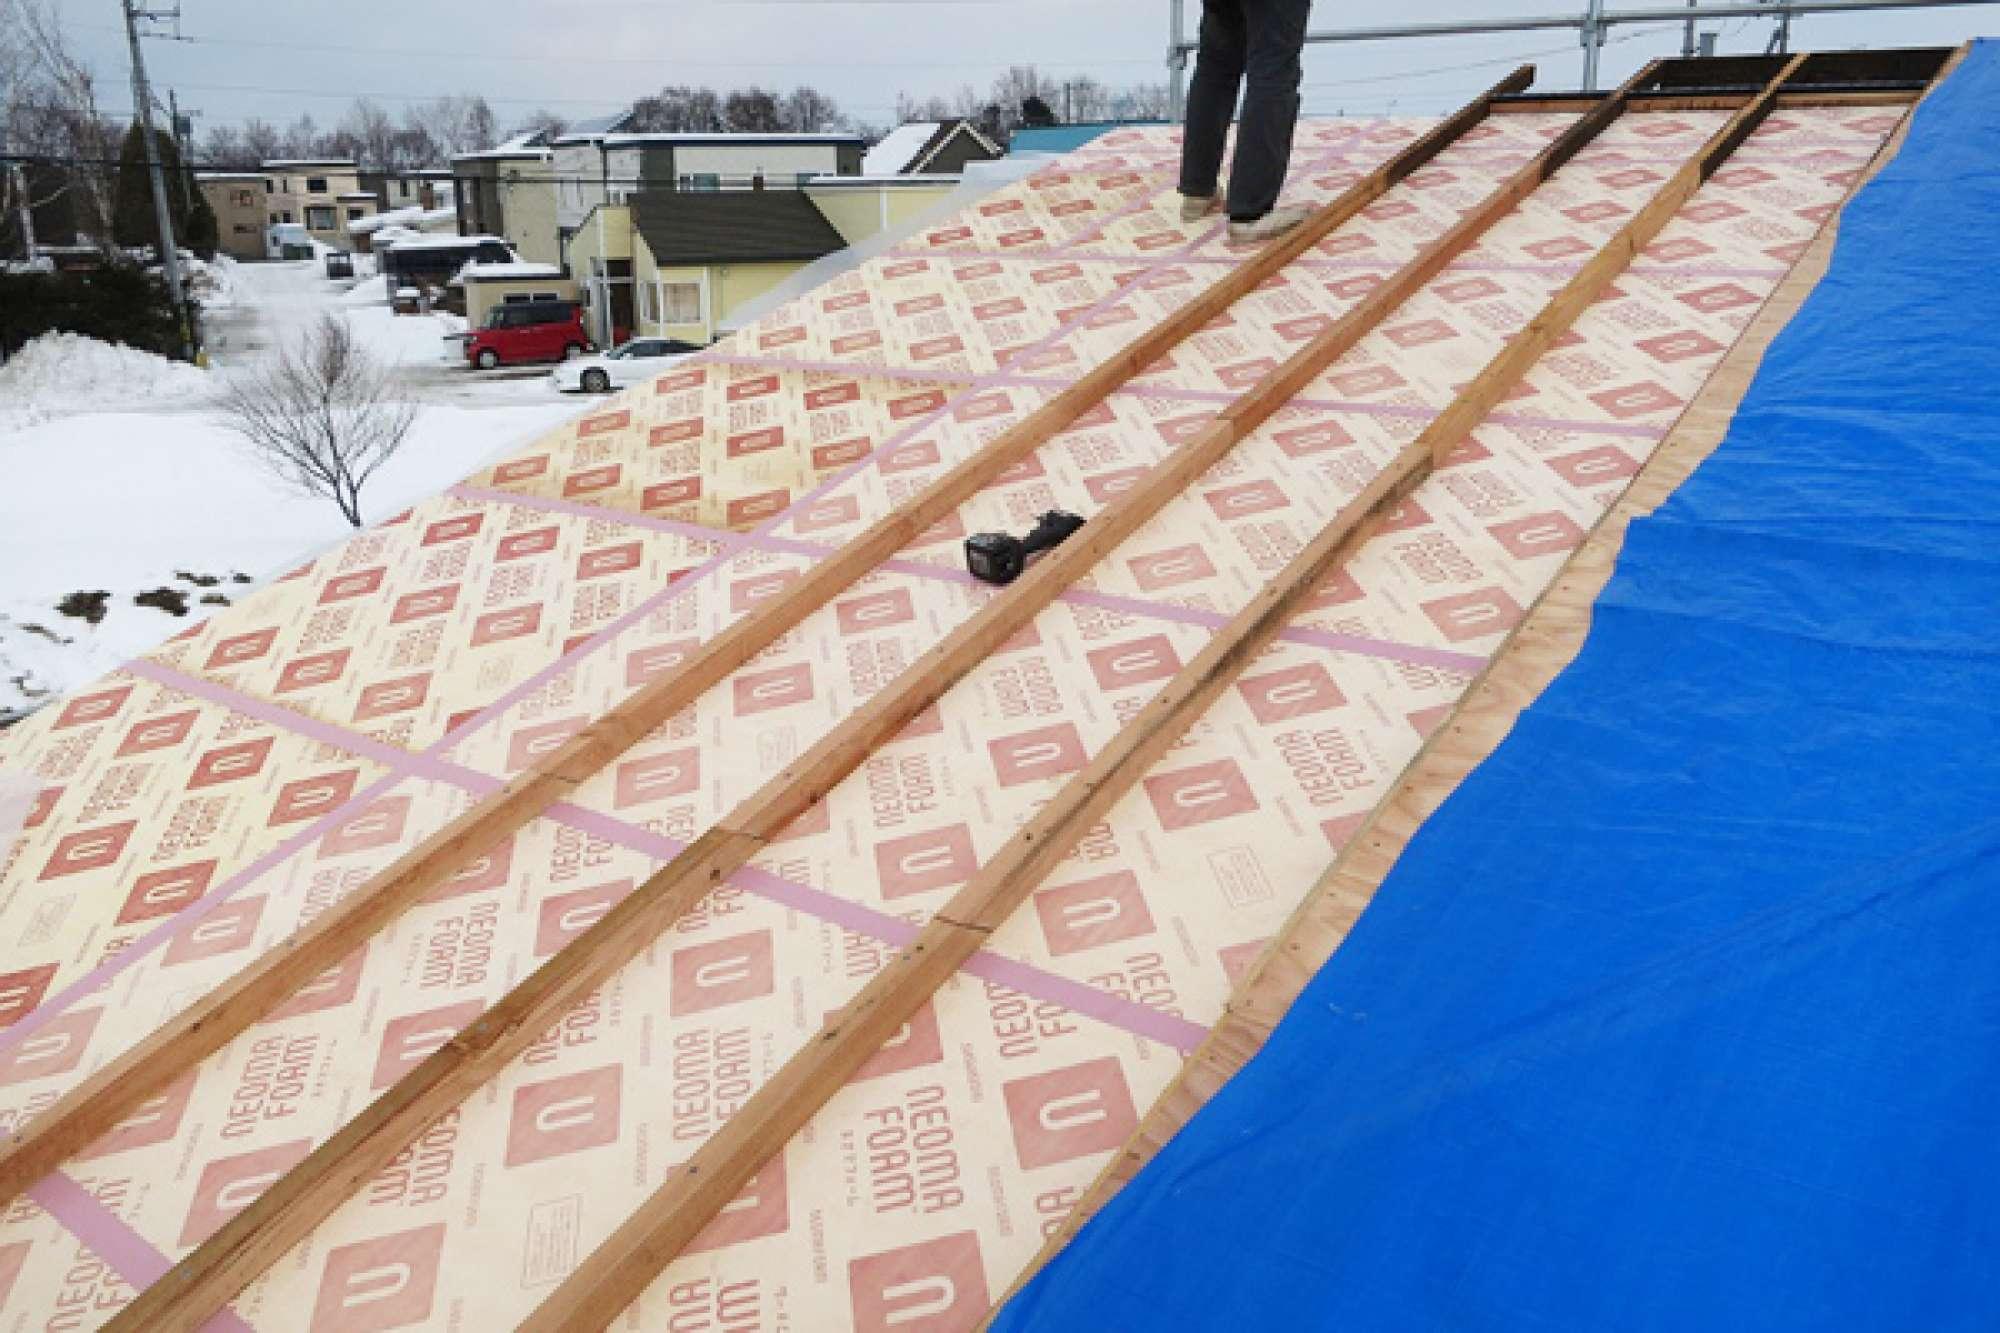 2月18日 屋根造作 -  -  -